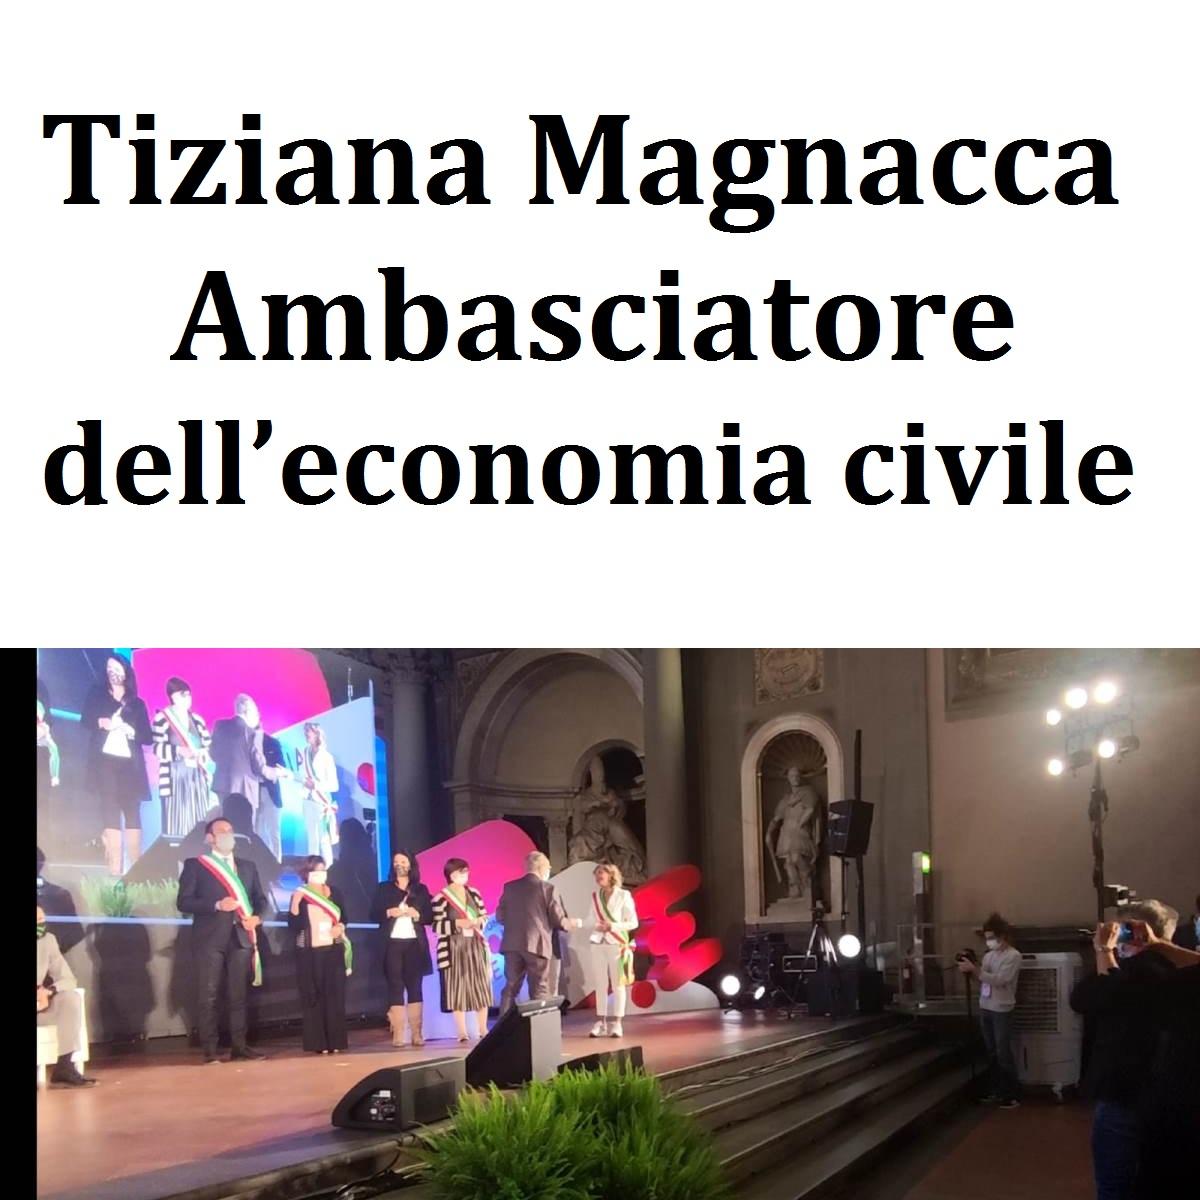 Tiziana Magnacca Ambasciatore dell'economia civile foto